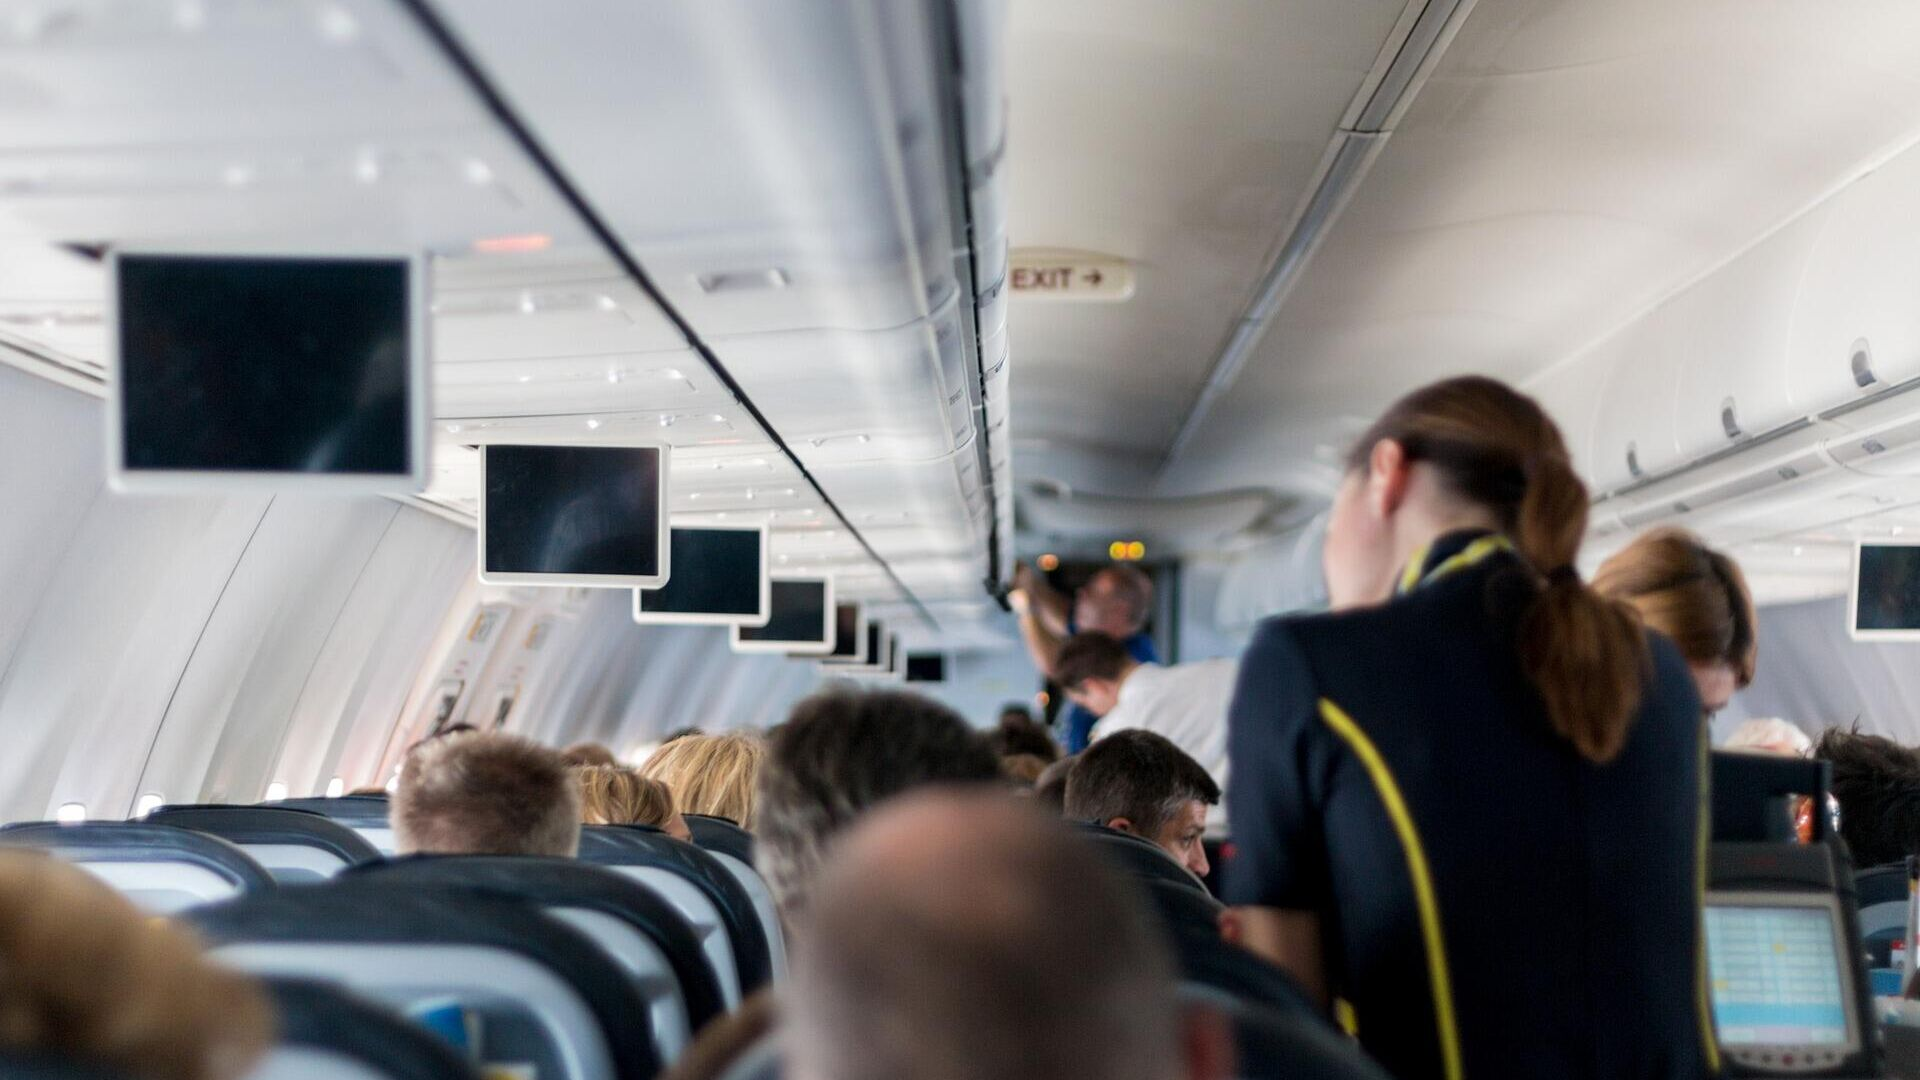 Россия ратифицировала протокол о преступлениях на воздушных судах